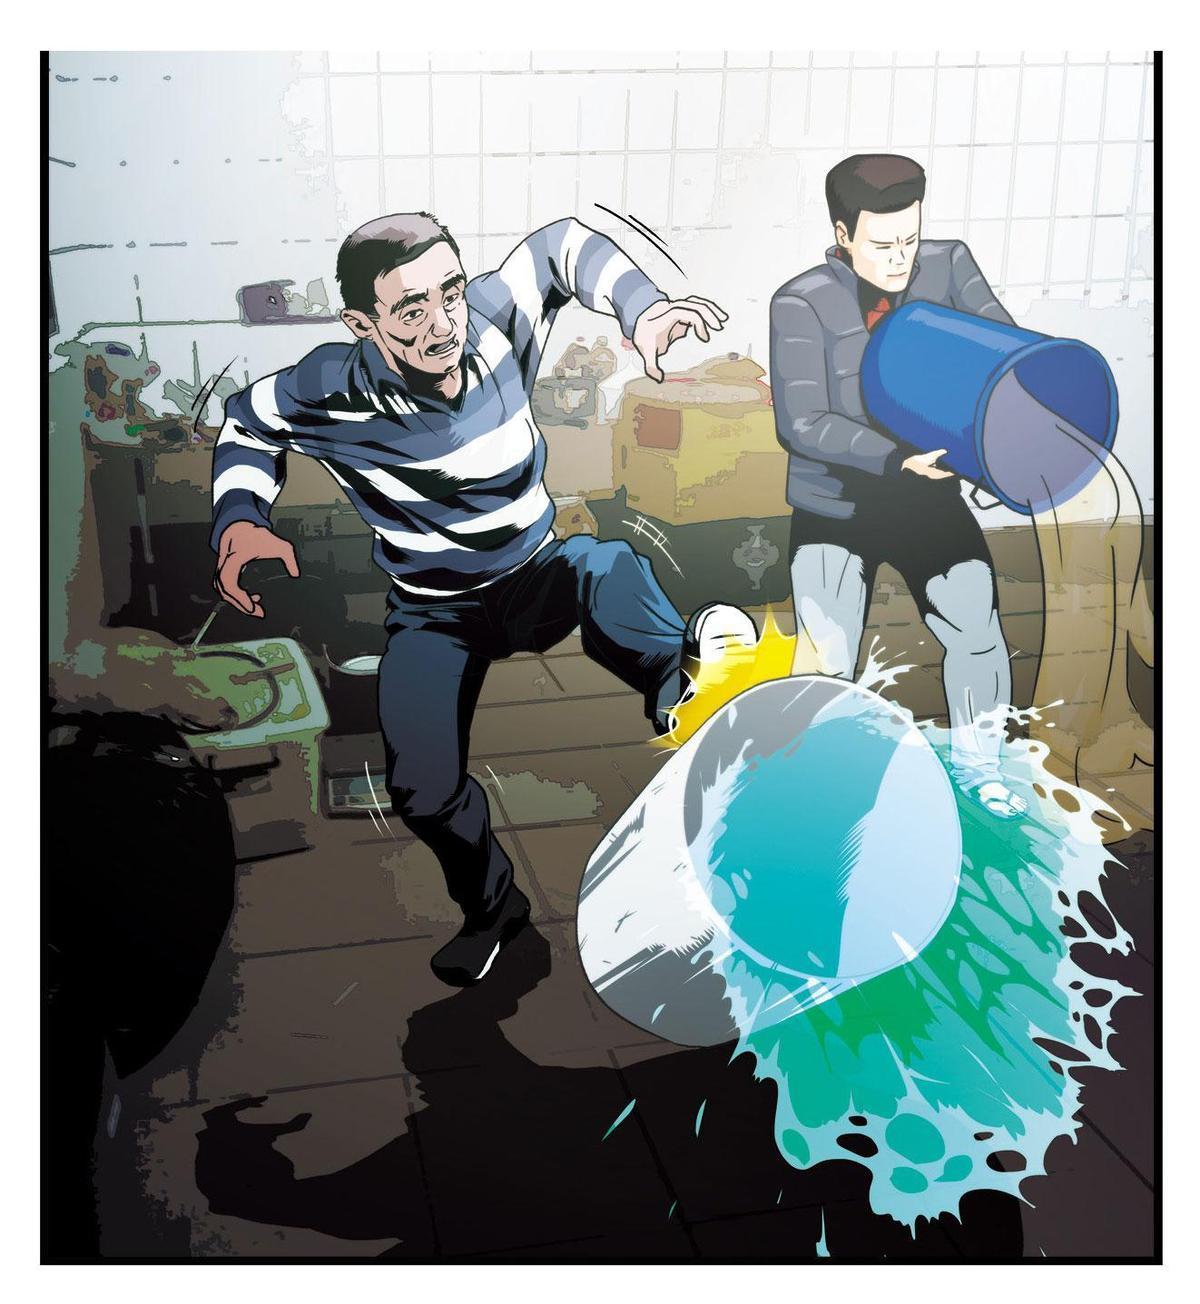 李嫌發現警方攻堅時,命令幹部將安毒半成品與成品全數倒掉滅證。